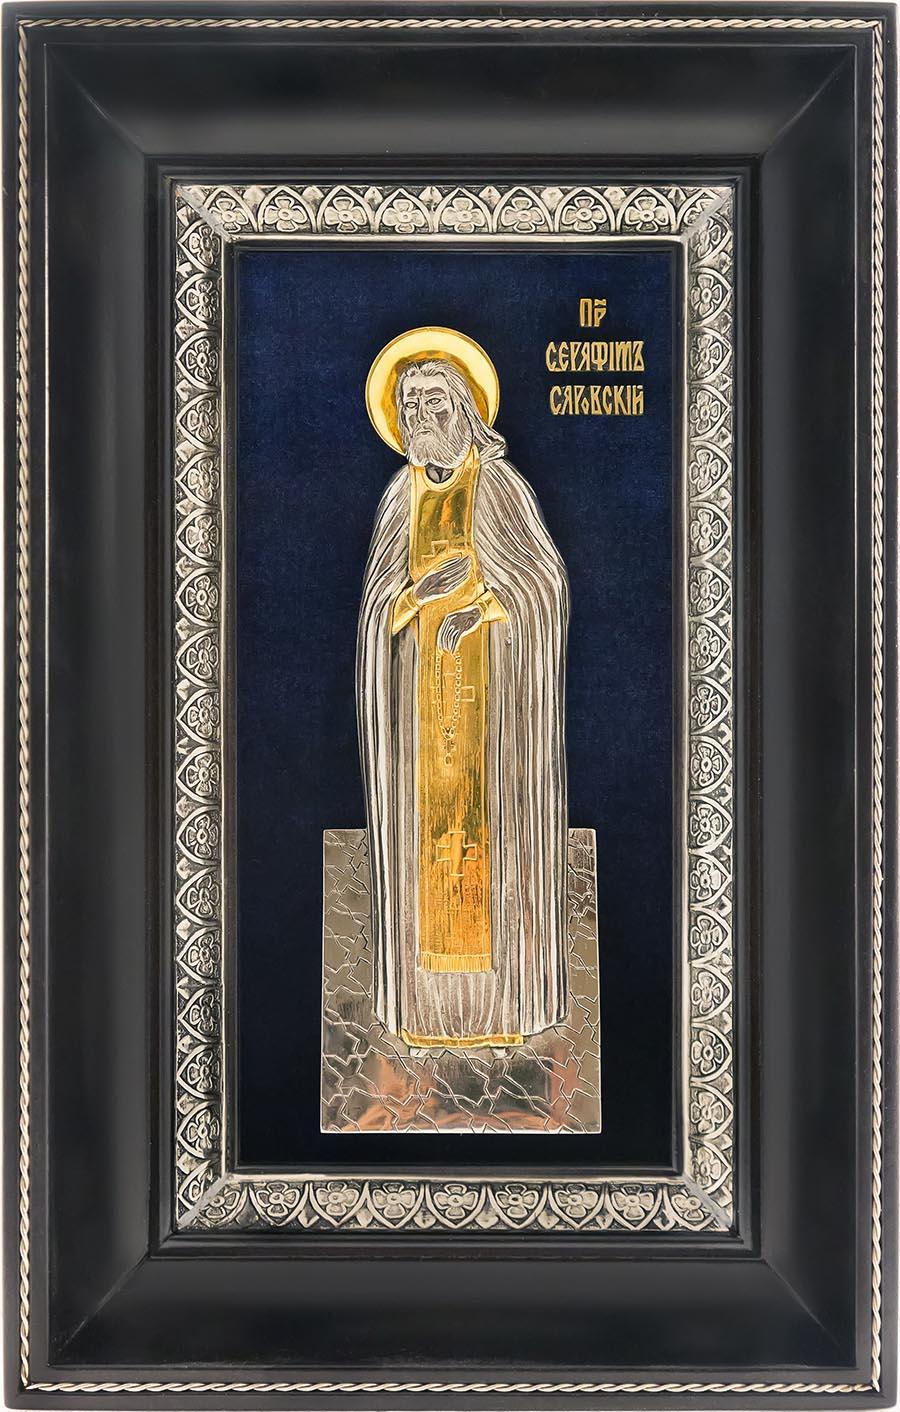 фото икона святого преподобного Серафима Саровского гальванопластика золото серебро